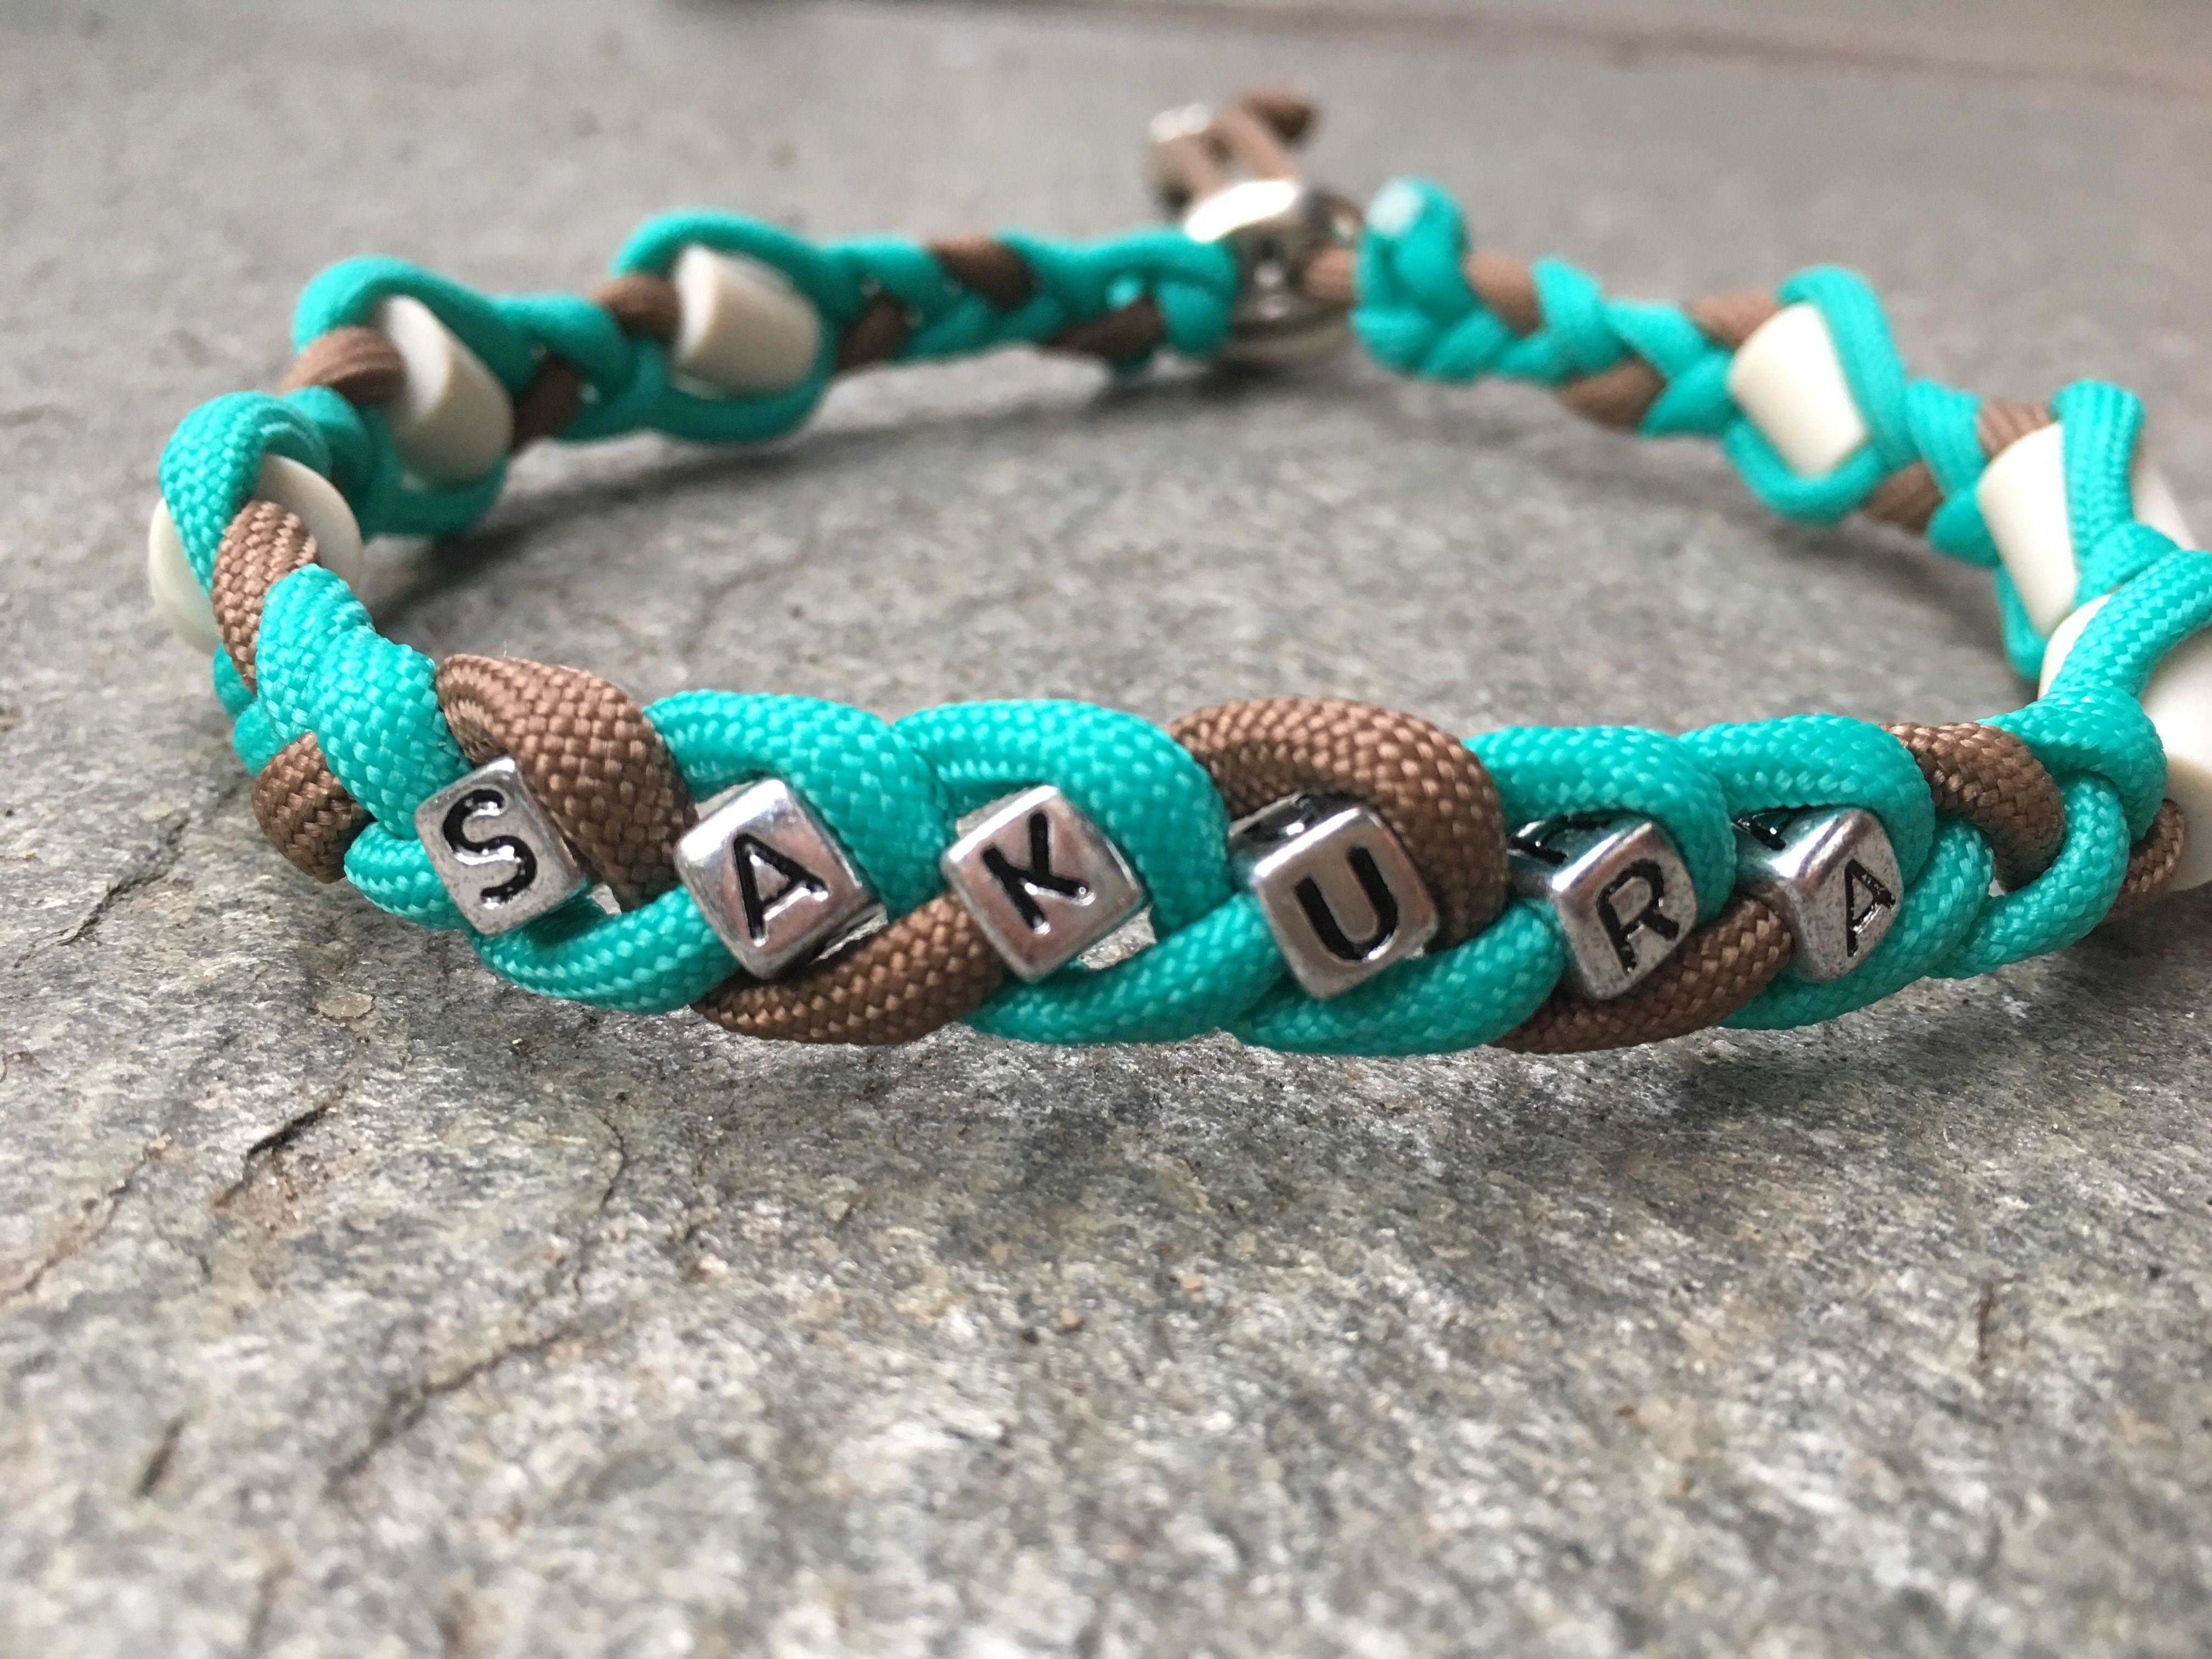 Paracordhalsband Halsband Hundehalsband Tauhalsband Selbstgemacht Diy Paracord Udog Udog Shop Www U Dog De Armband Halsband Tau Halsband Hundehalsband